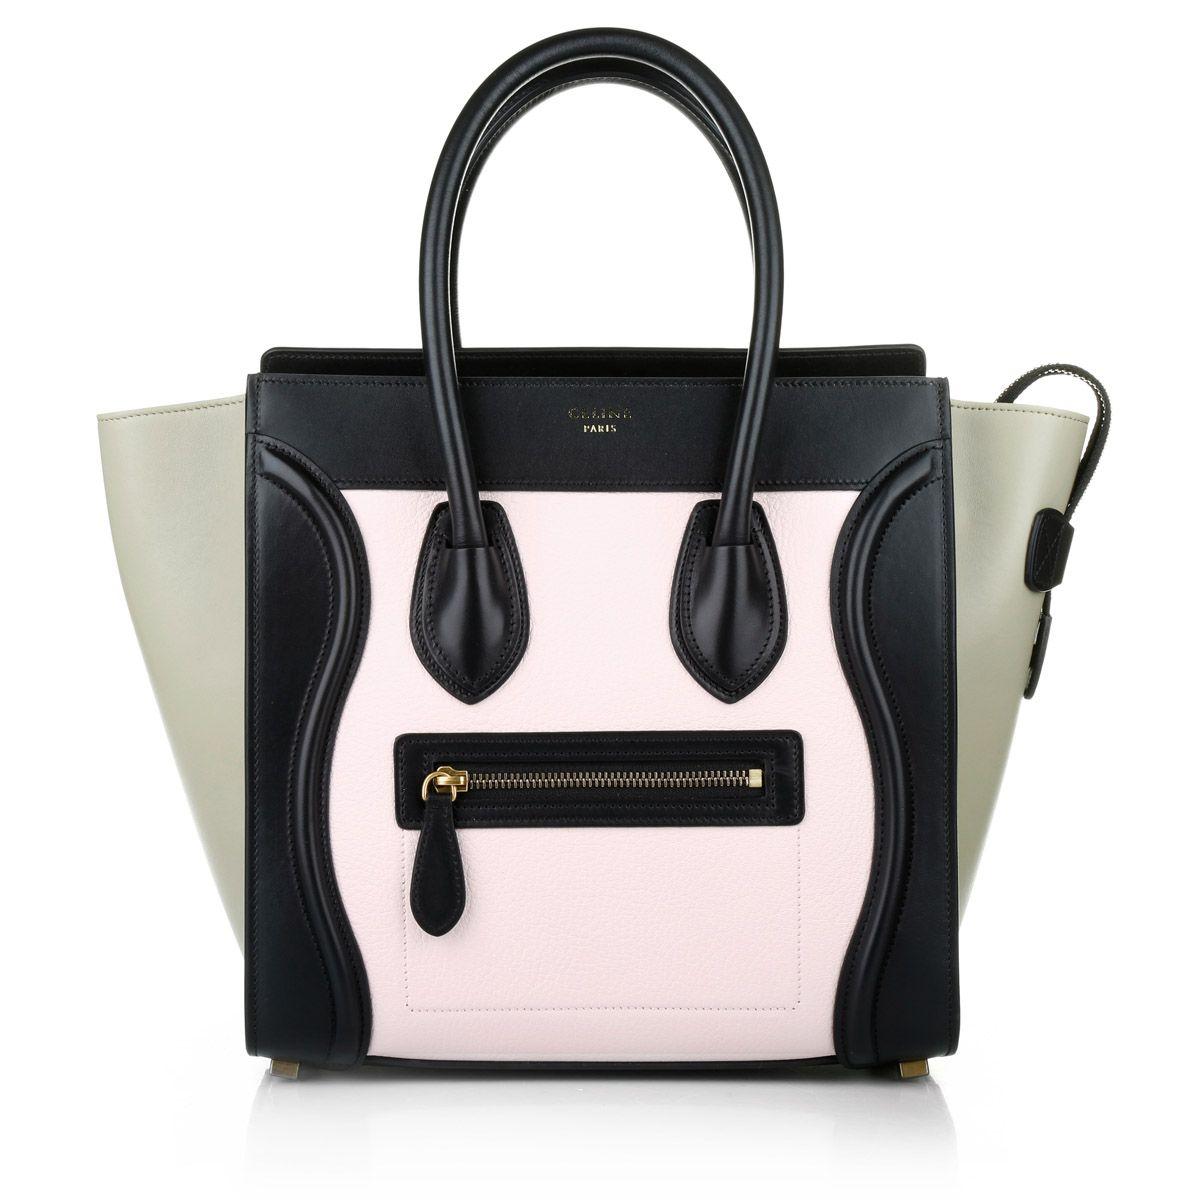 Celine Micro Luggage Handbag Light Rose Cèline Bag bei Fashionette